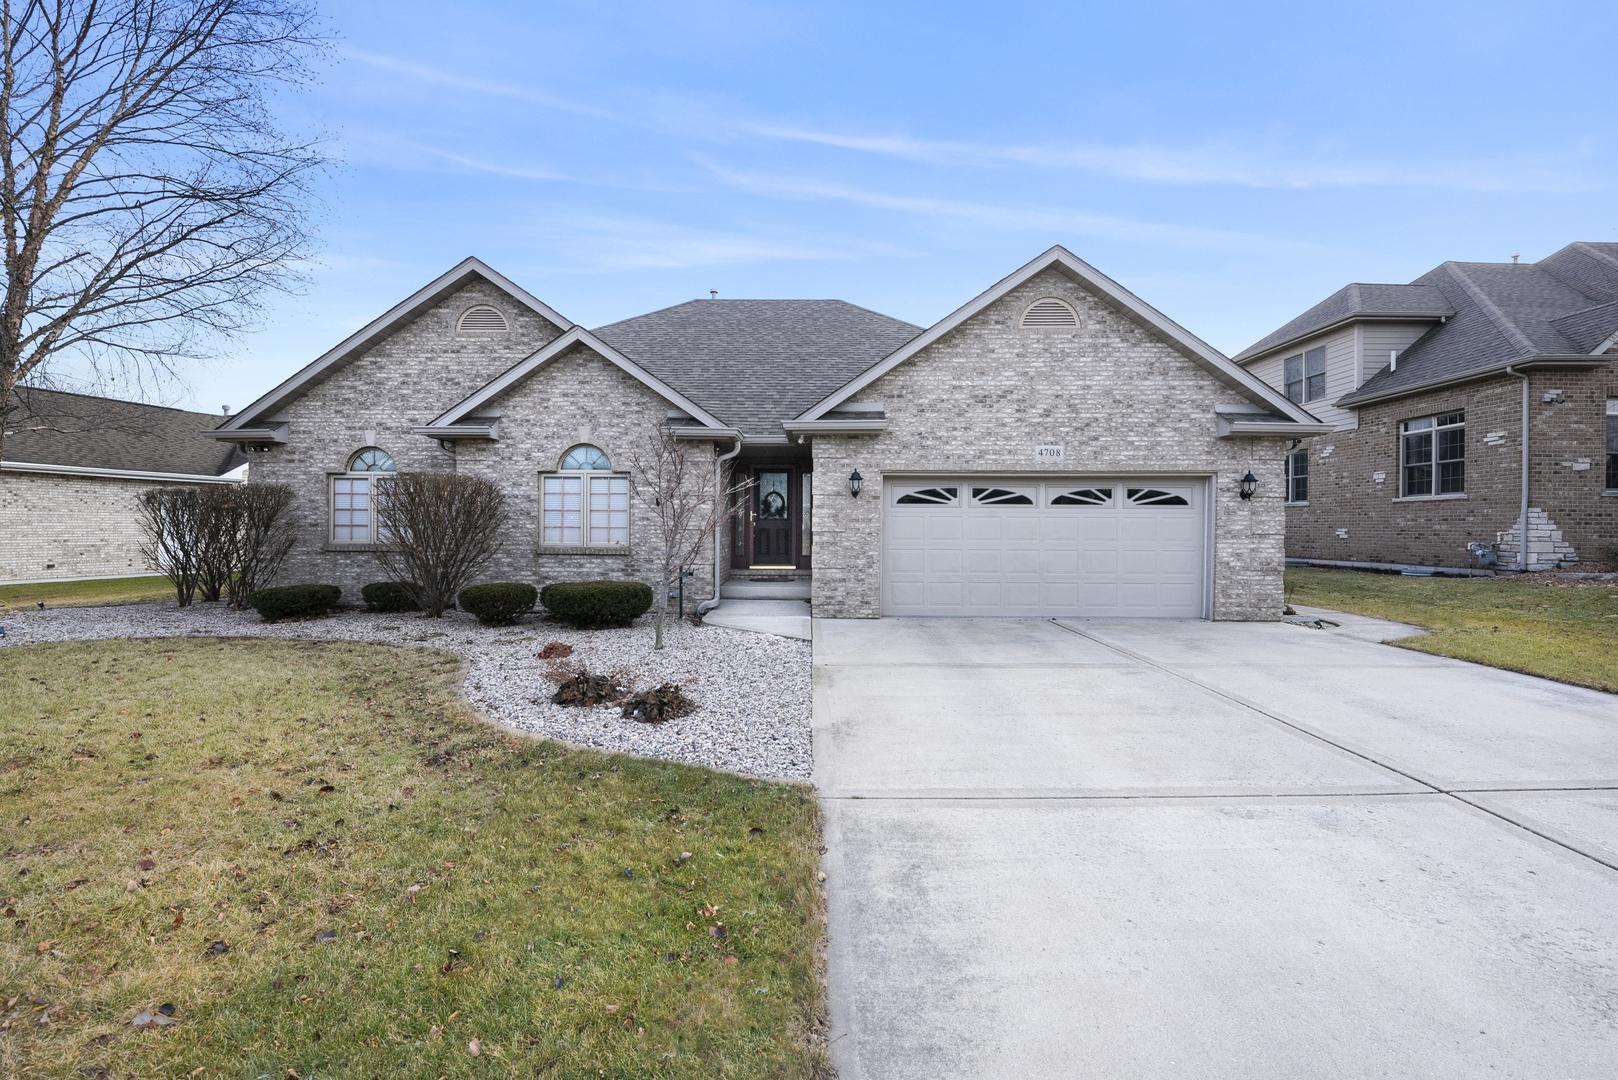 4708 Ashford Lane, Joliet, Illinois